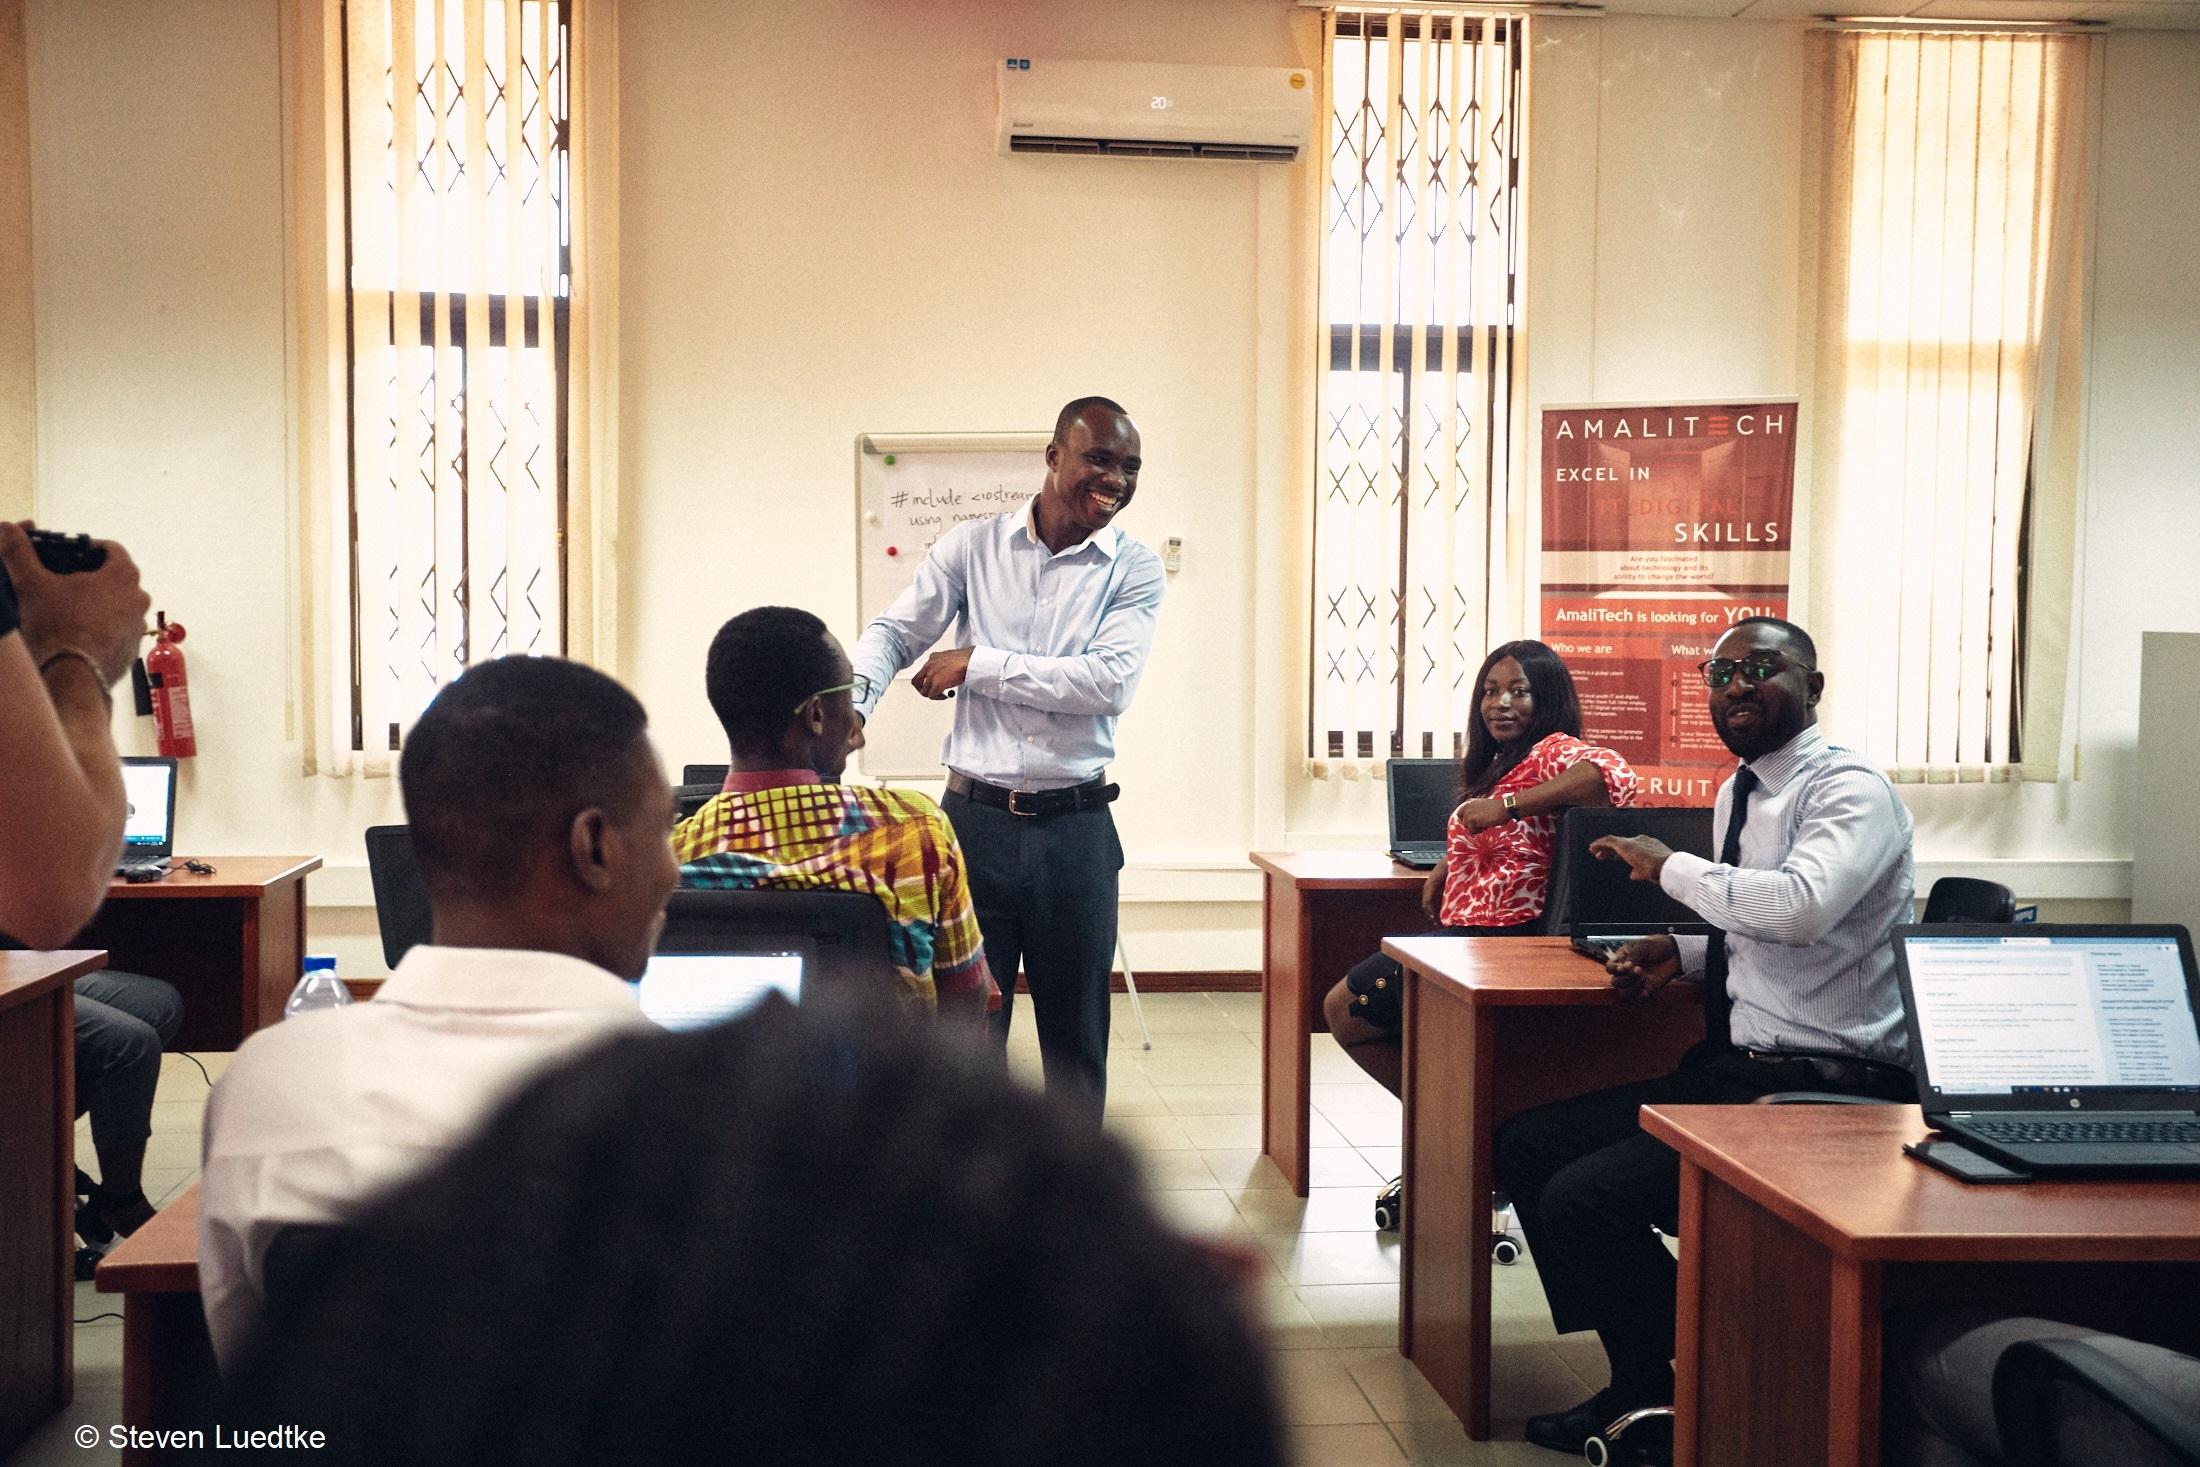 Teilnehmer bei einem Amalitech-Workshop